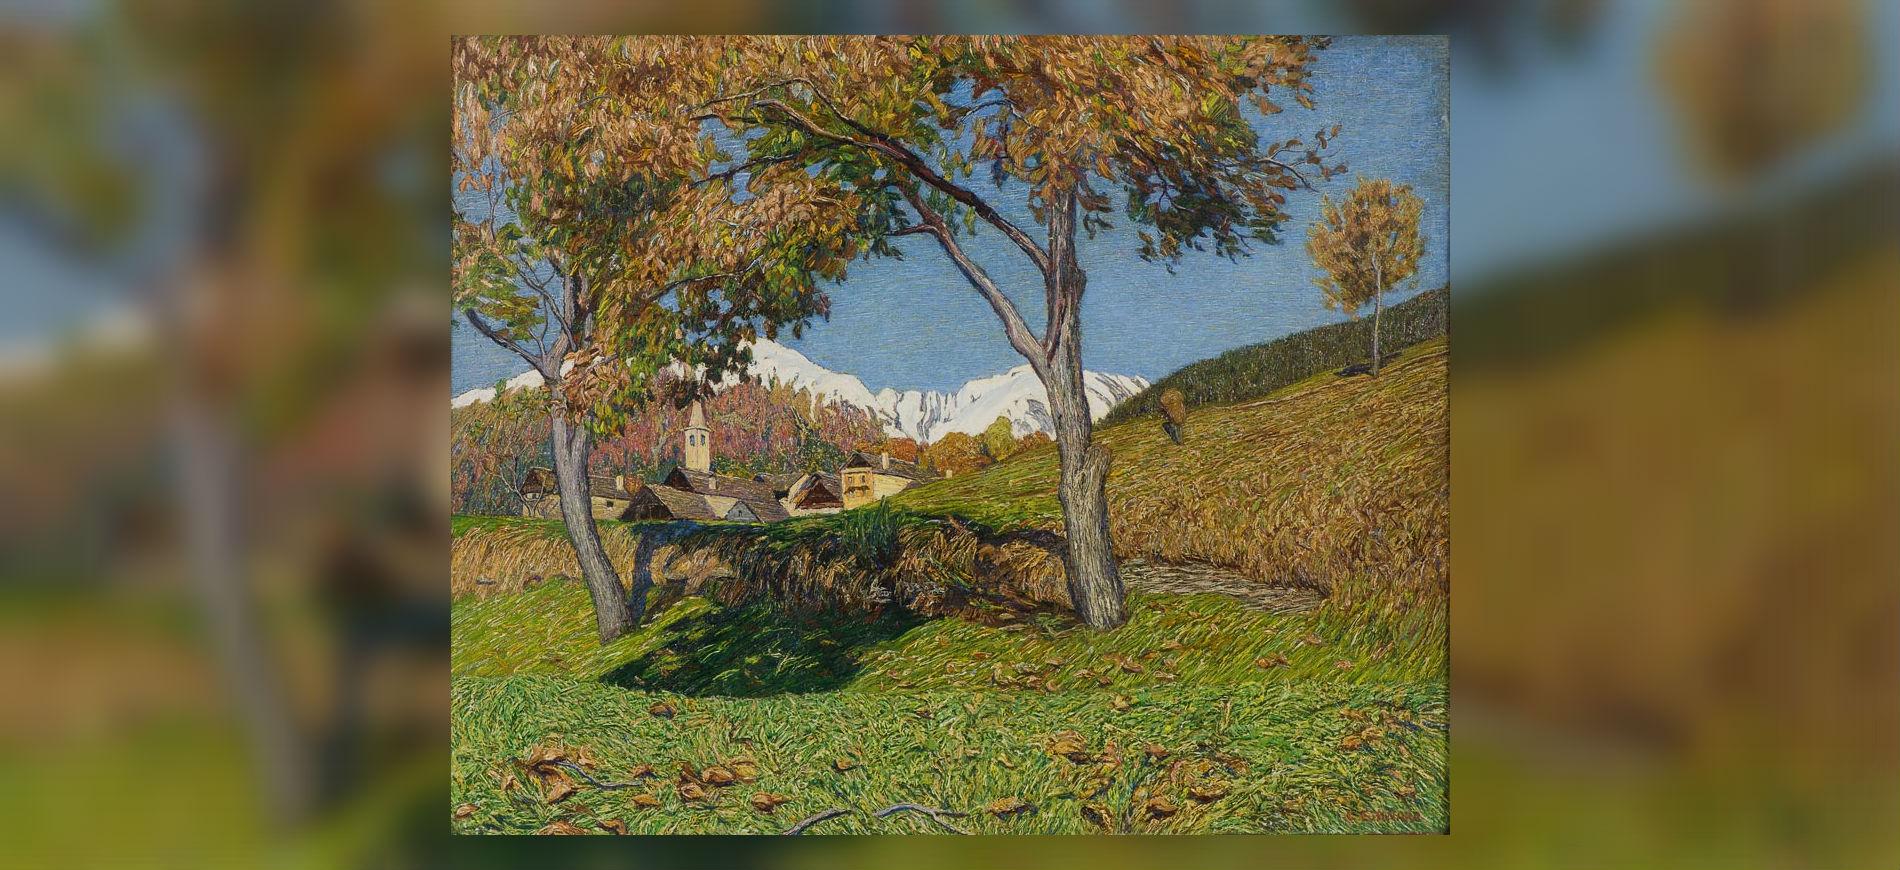 Armonie verdi. Paesaggi dalla Scapigliatura al Novecento: Carlo Fornara, I due noci, 1920, olio su tela